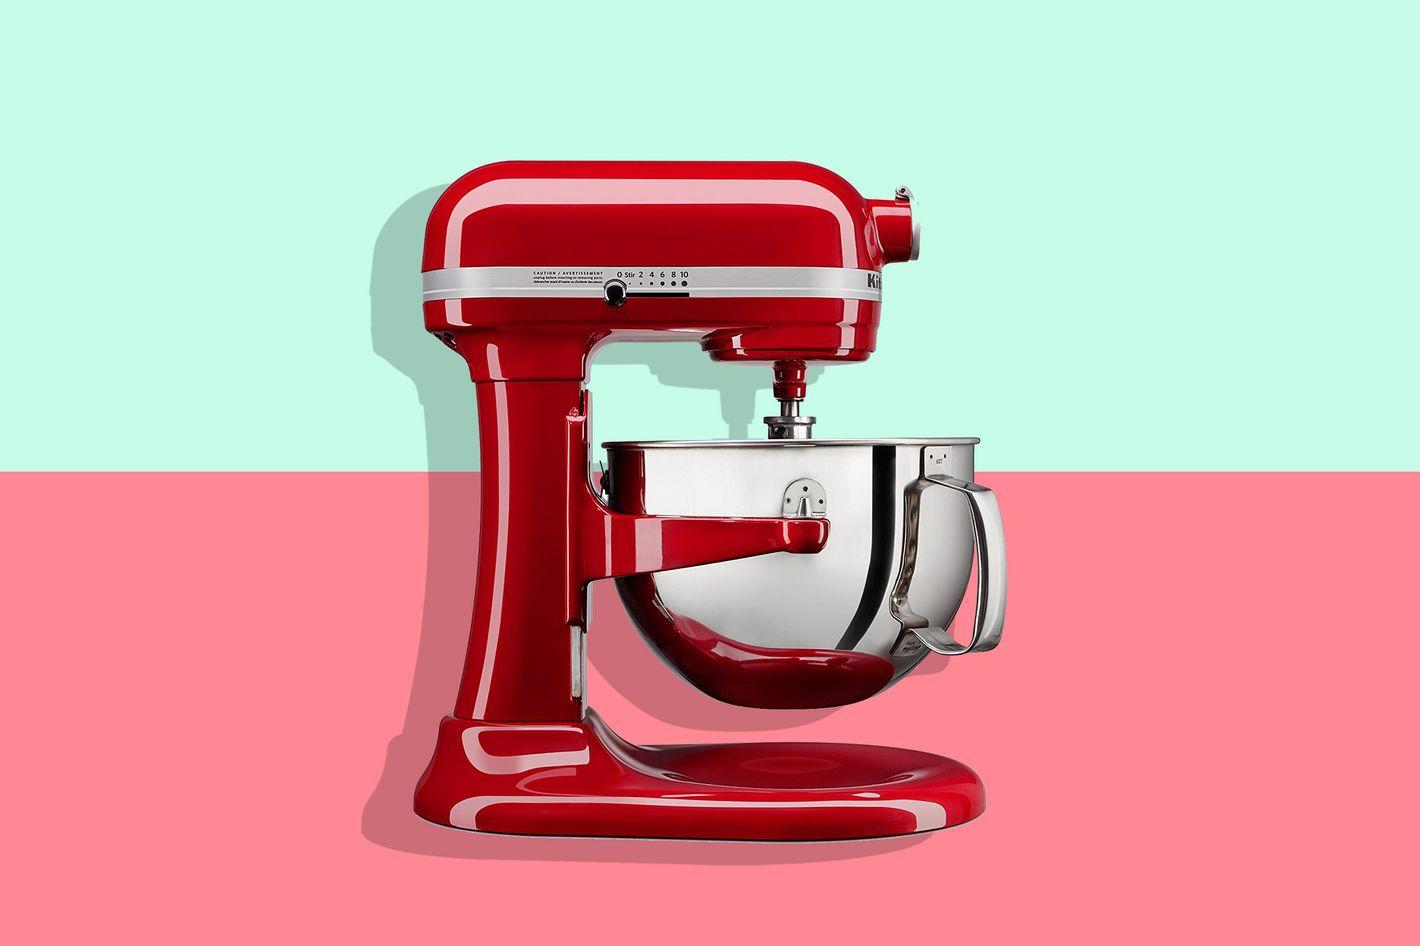 Kitchenaid Mixers On Sale ~ On sale kitchenaid stand mixer